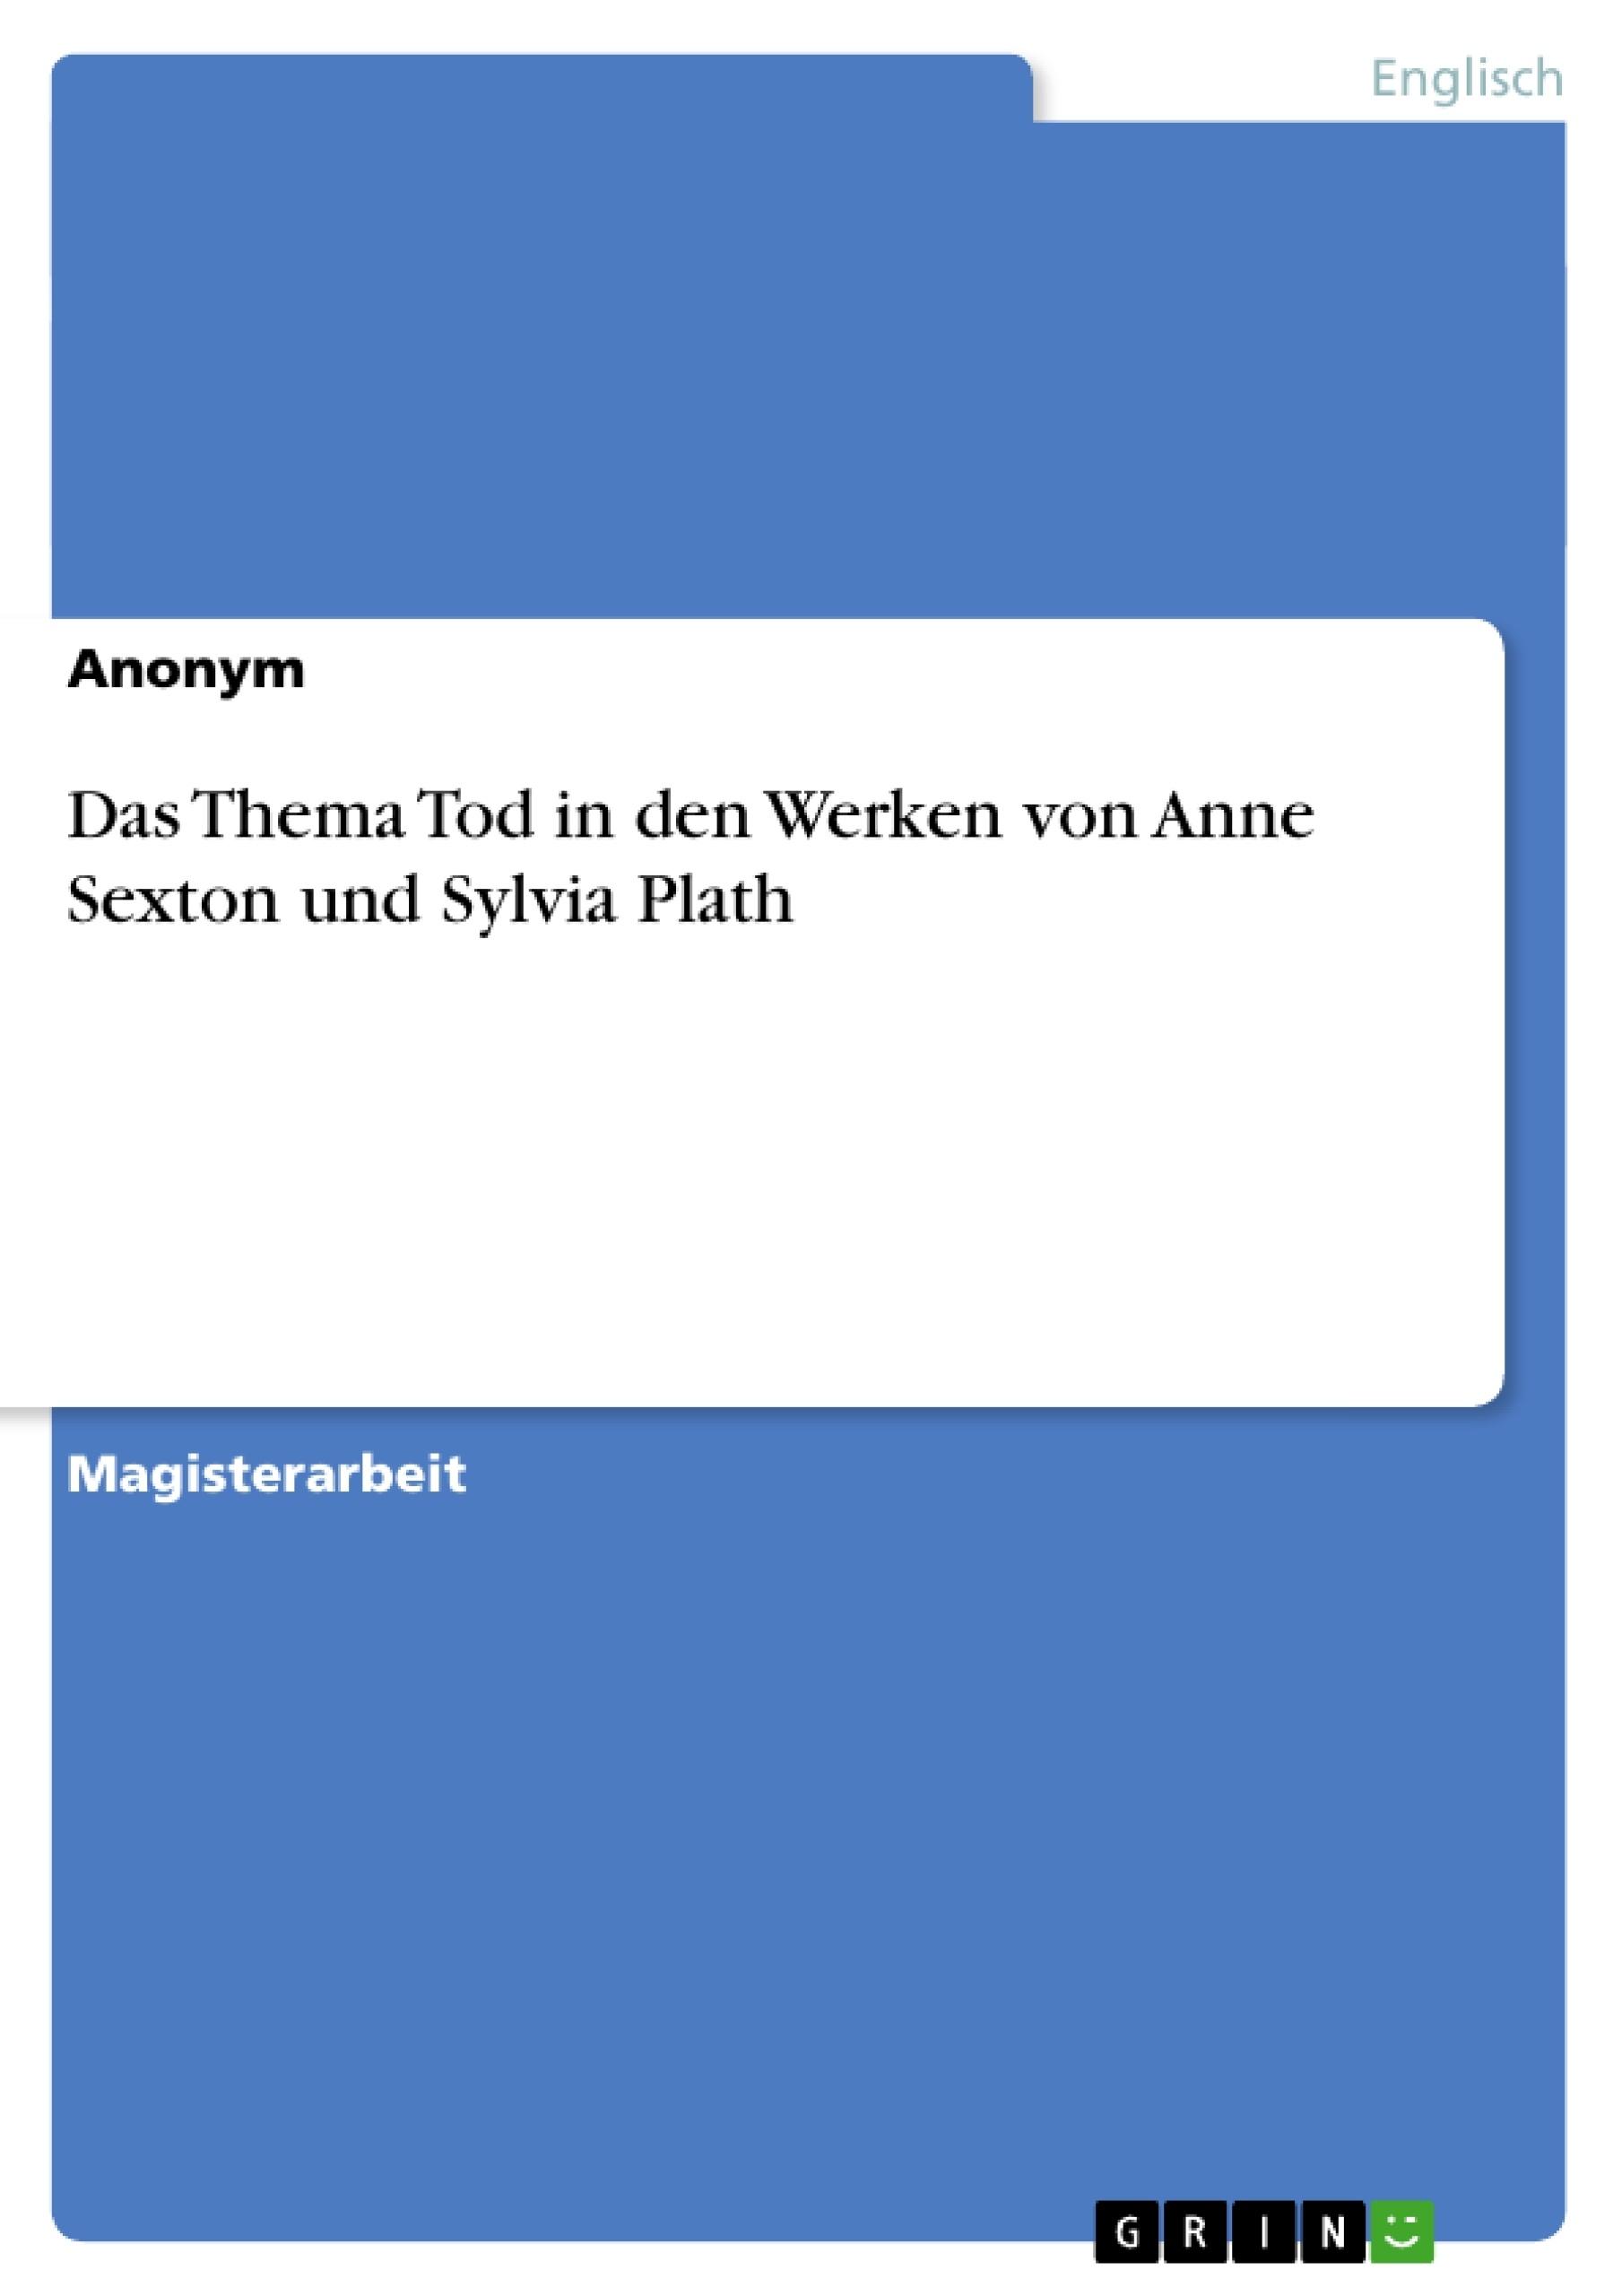 Titel: Das Thema Tod in den Werken von Anne Sexton und Sylvia Plath